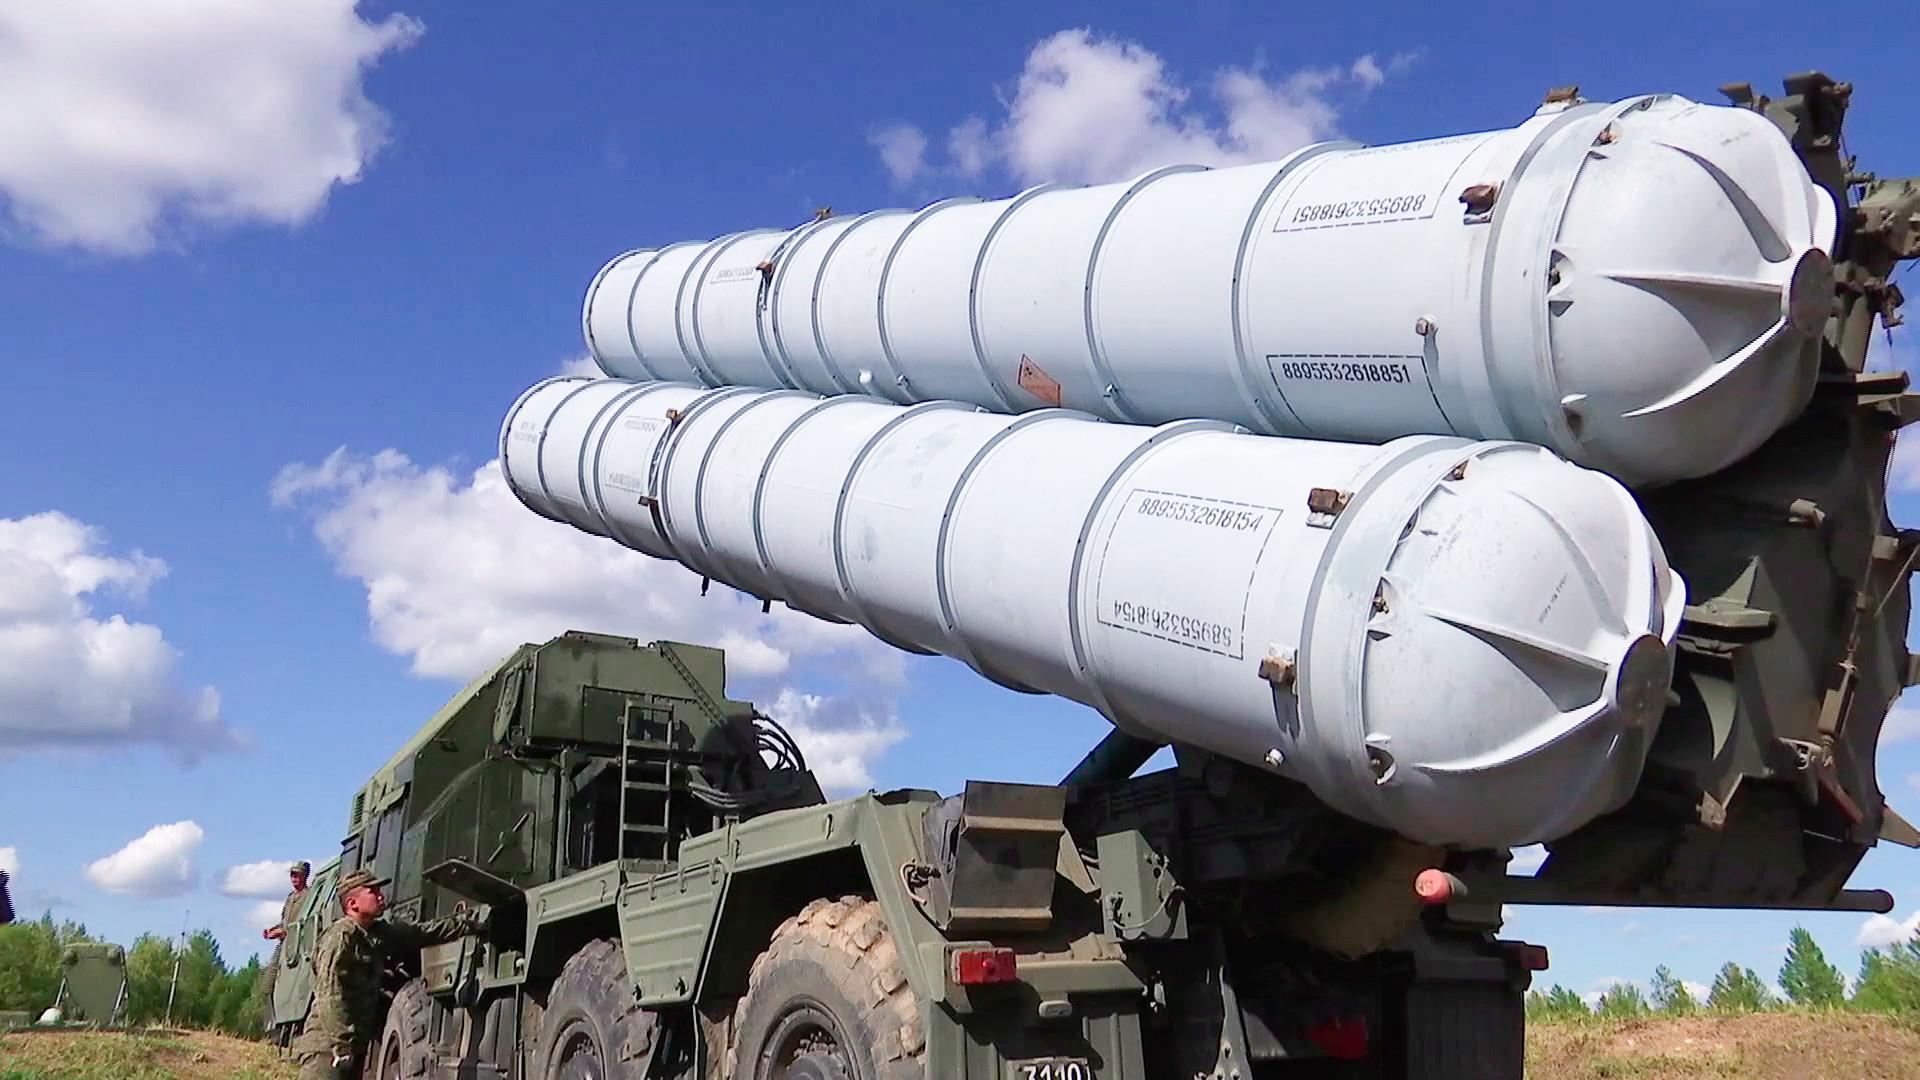 Système de défense antimissile S-400 durant les préparatifs de Vostok-2018 sur le polygone de Telemba, en Bouriatie (Sibérie orientale).